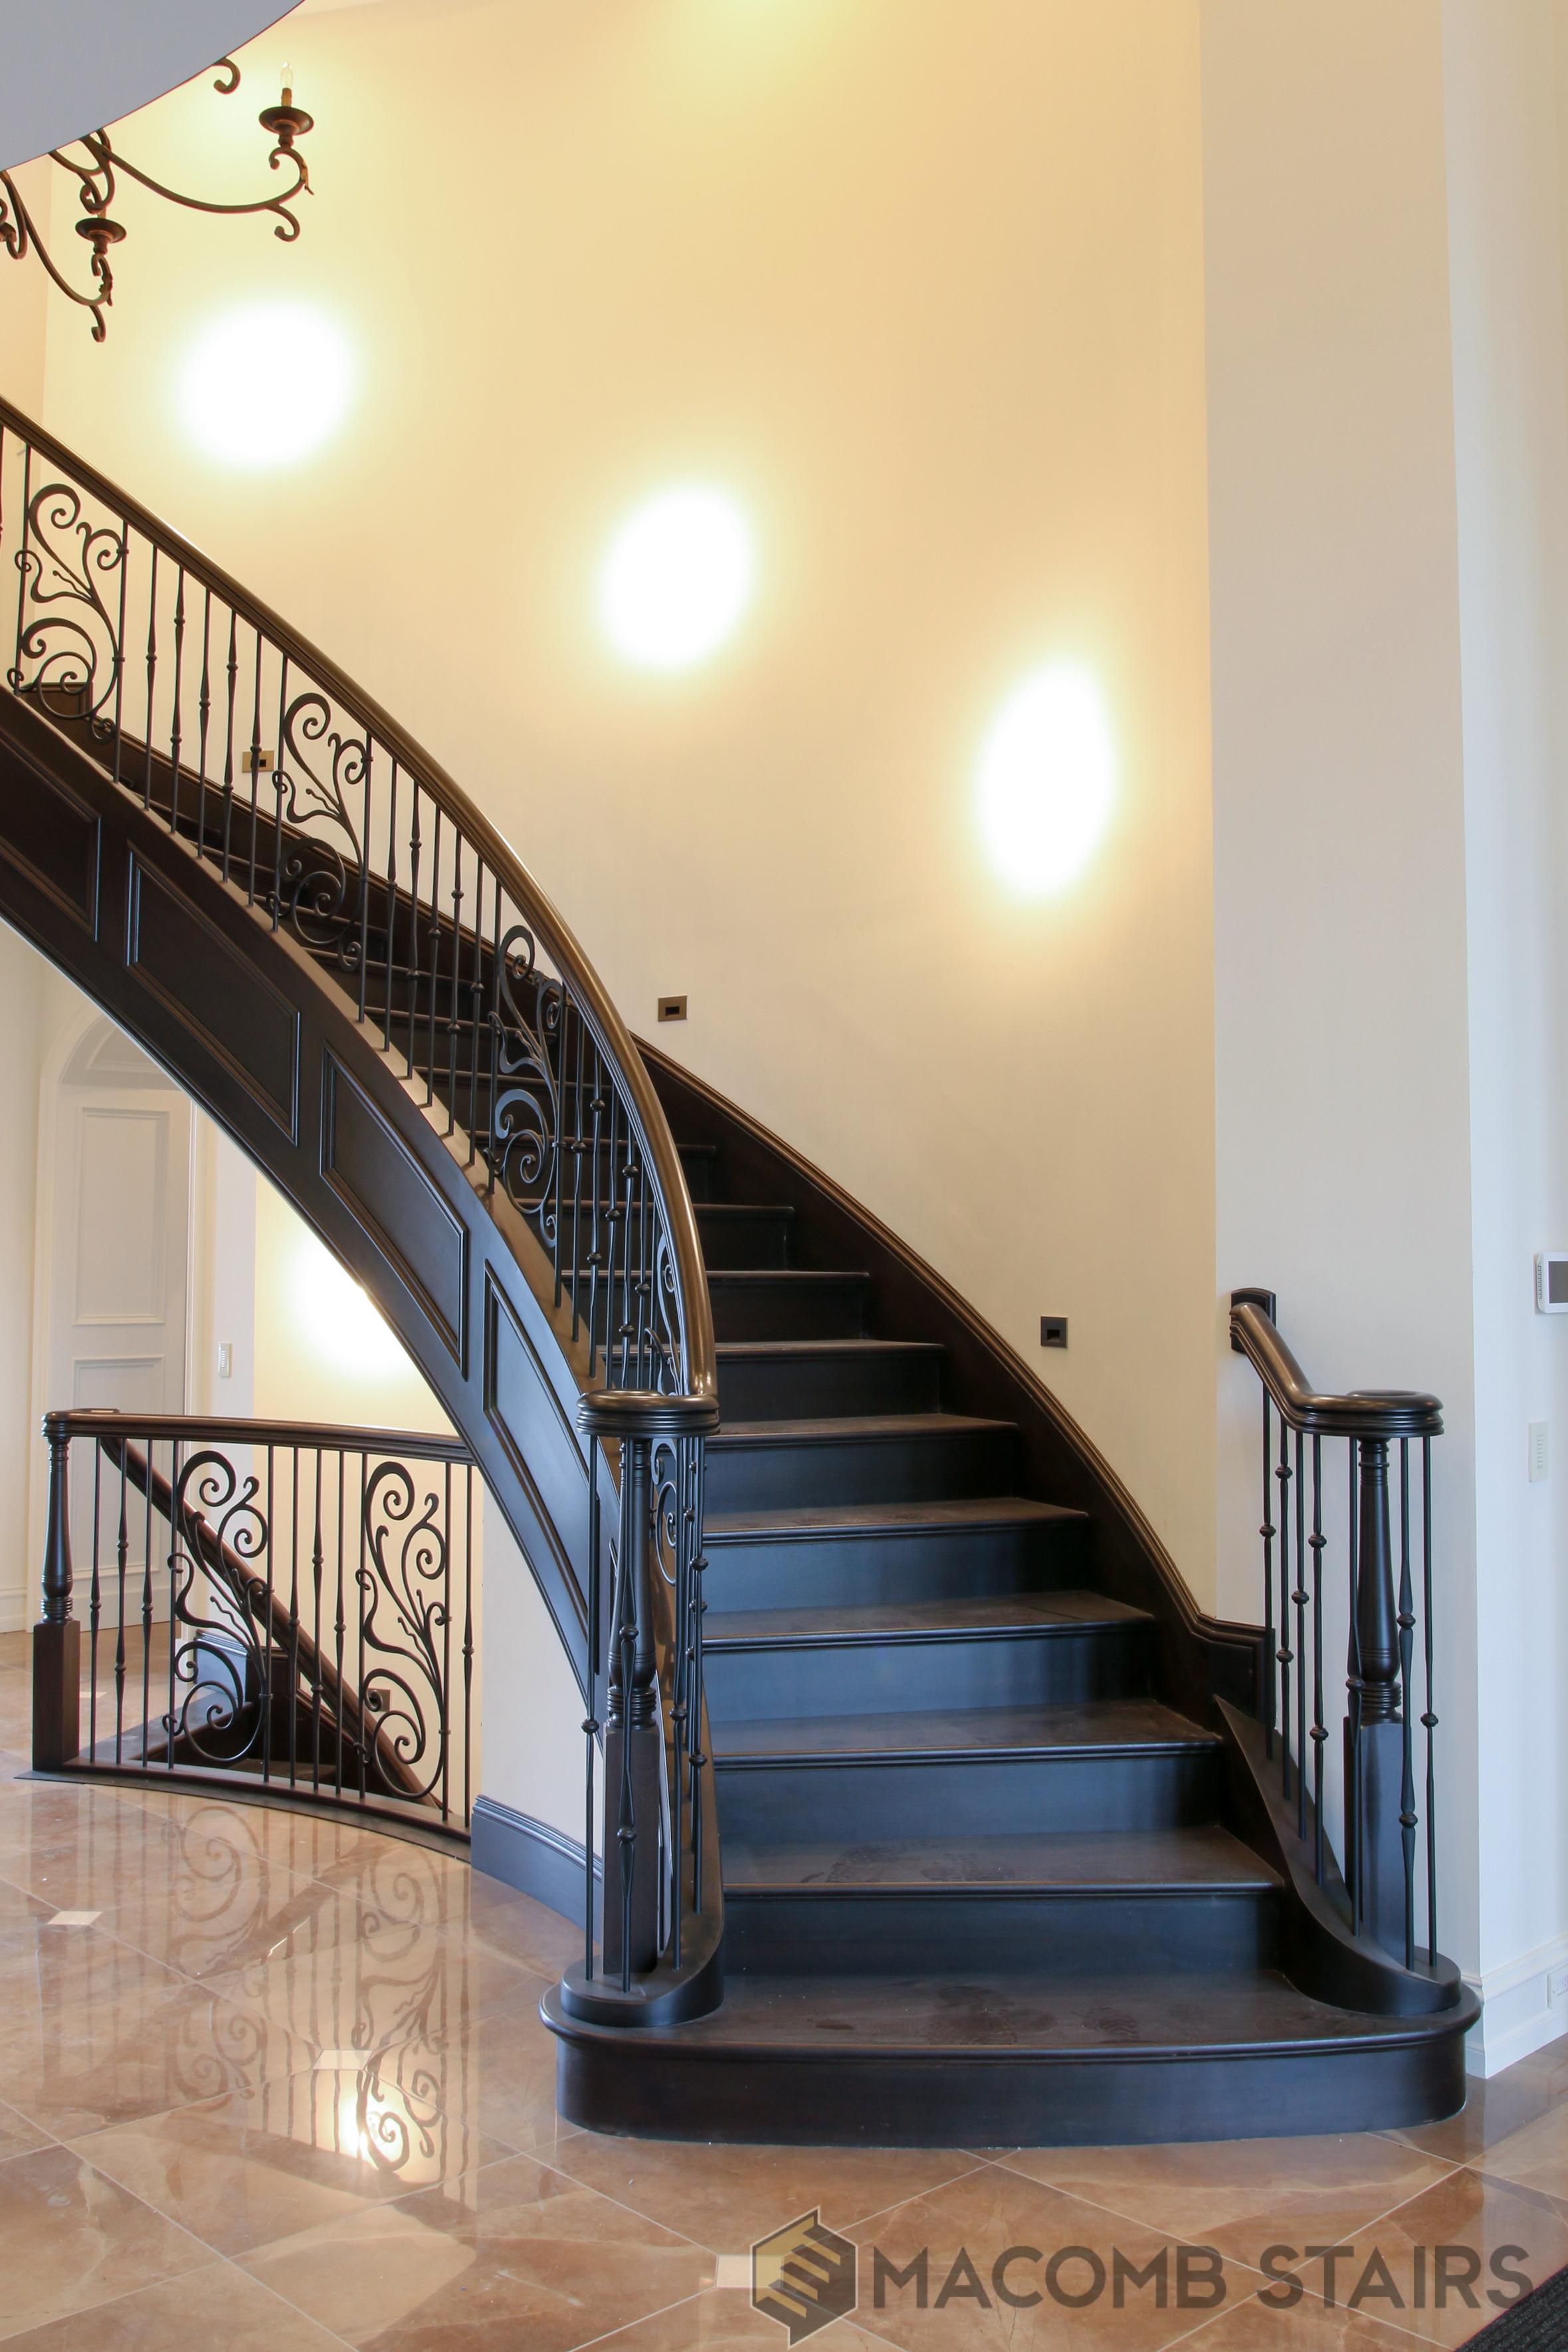 Macimb Stairs- Stair Photo-2-2.jpg